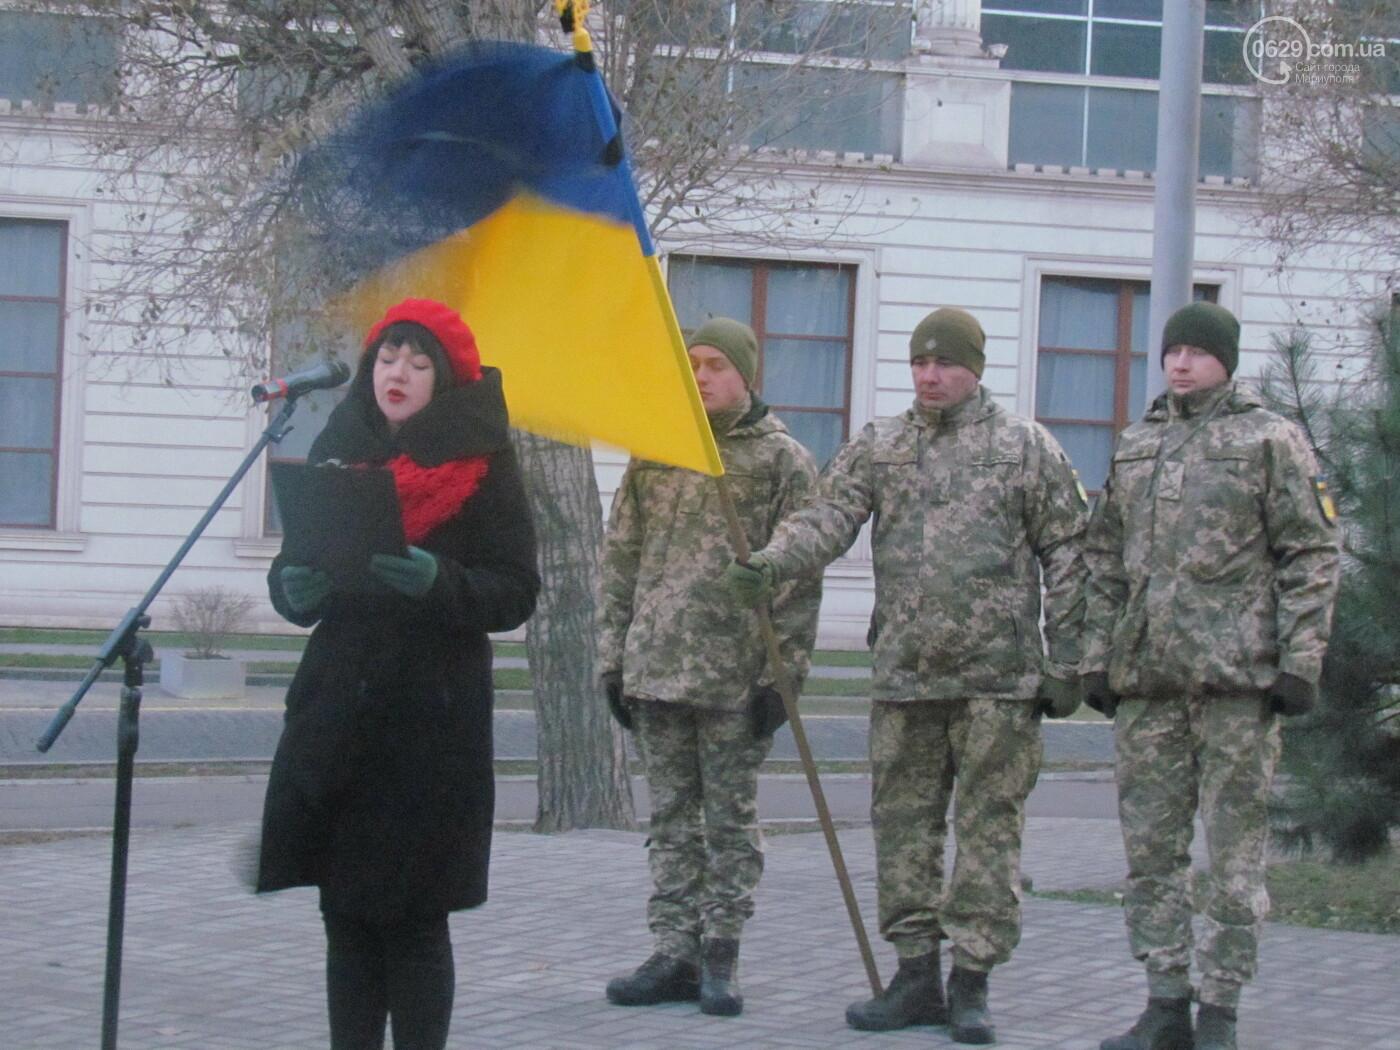 ВКиеве состоялась акция памяти жертв Голодомора